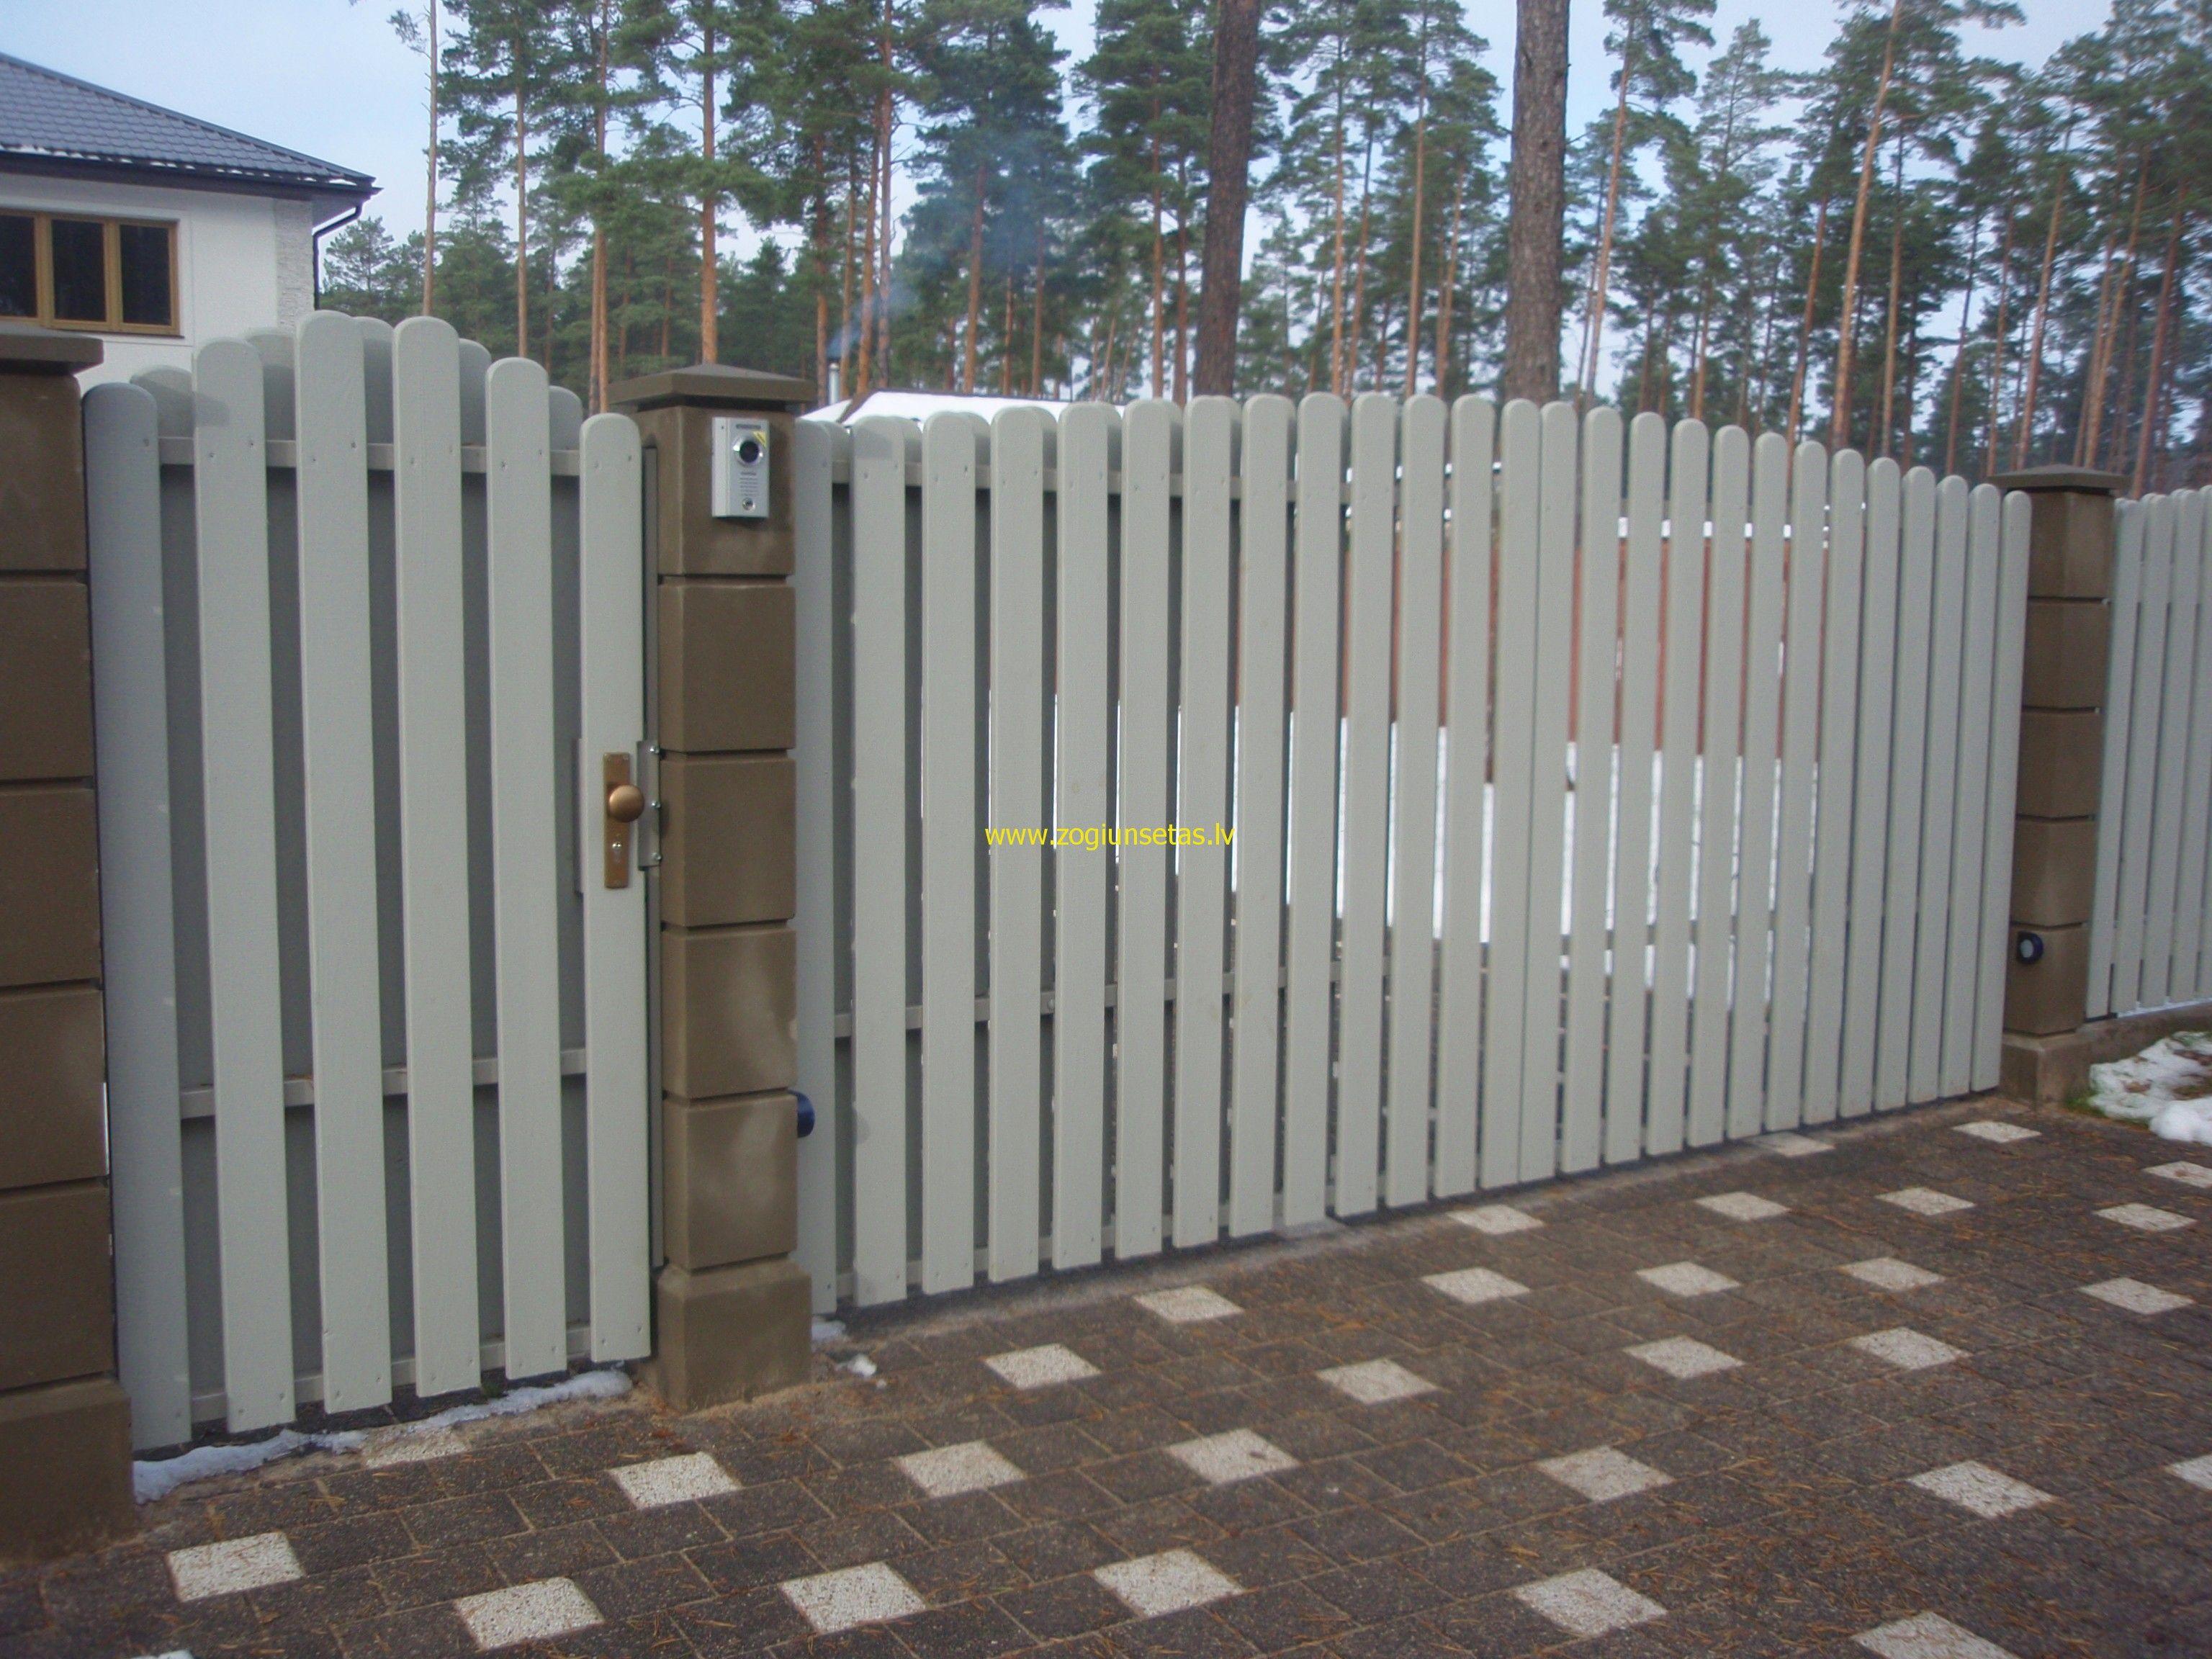 фактор ворота штакетник дерево фото сравнивали инаугурацию армейским